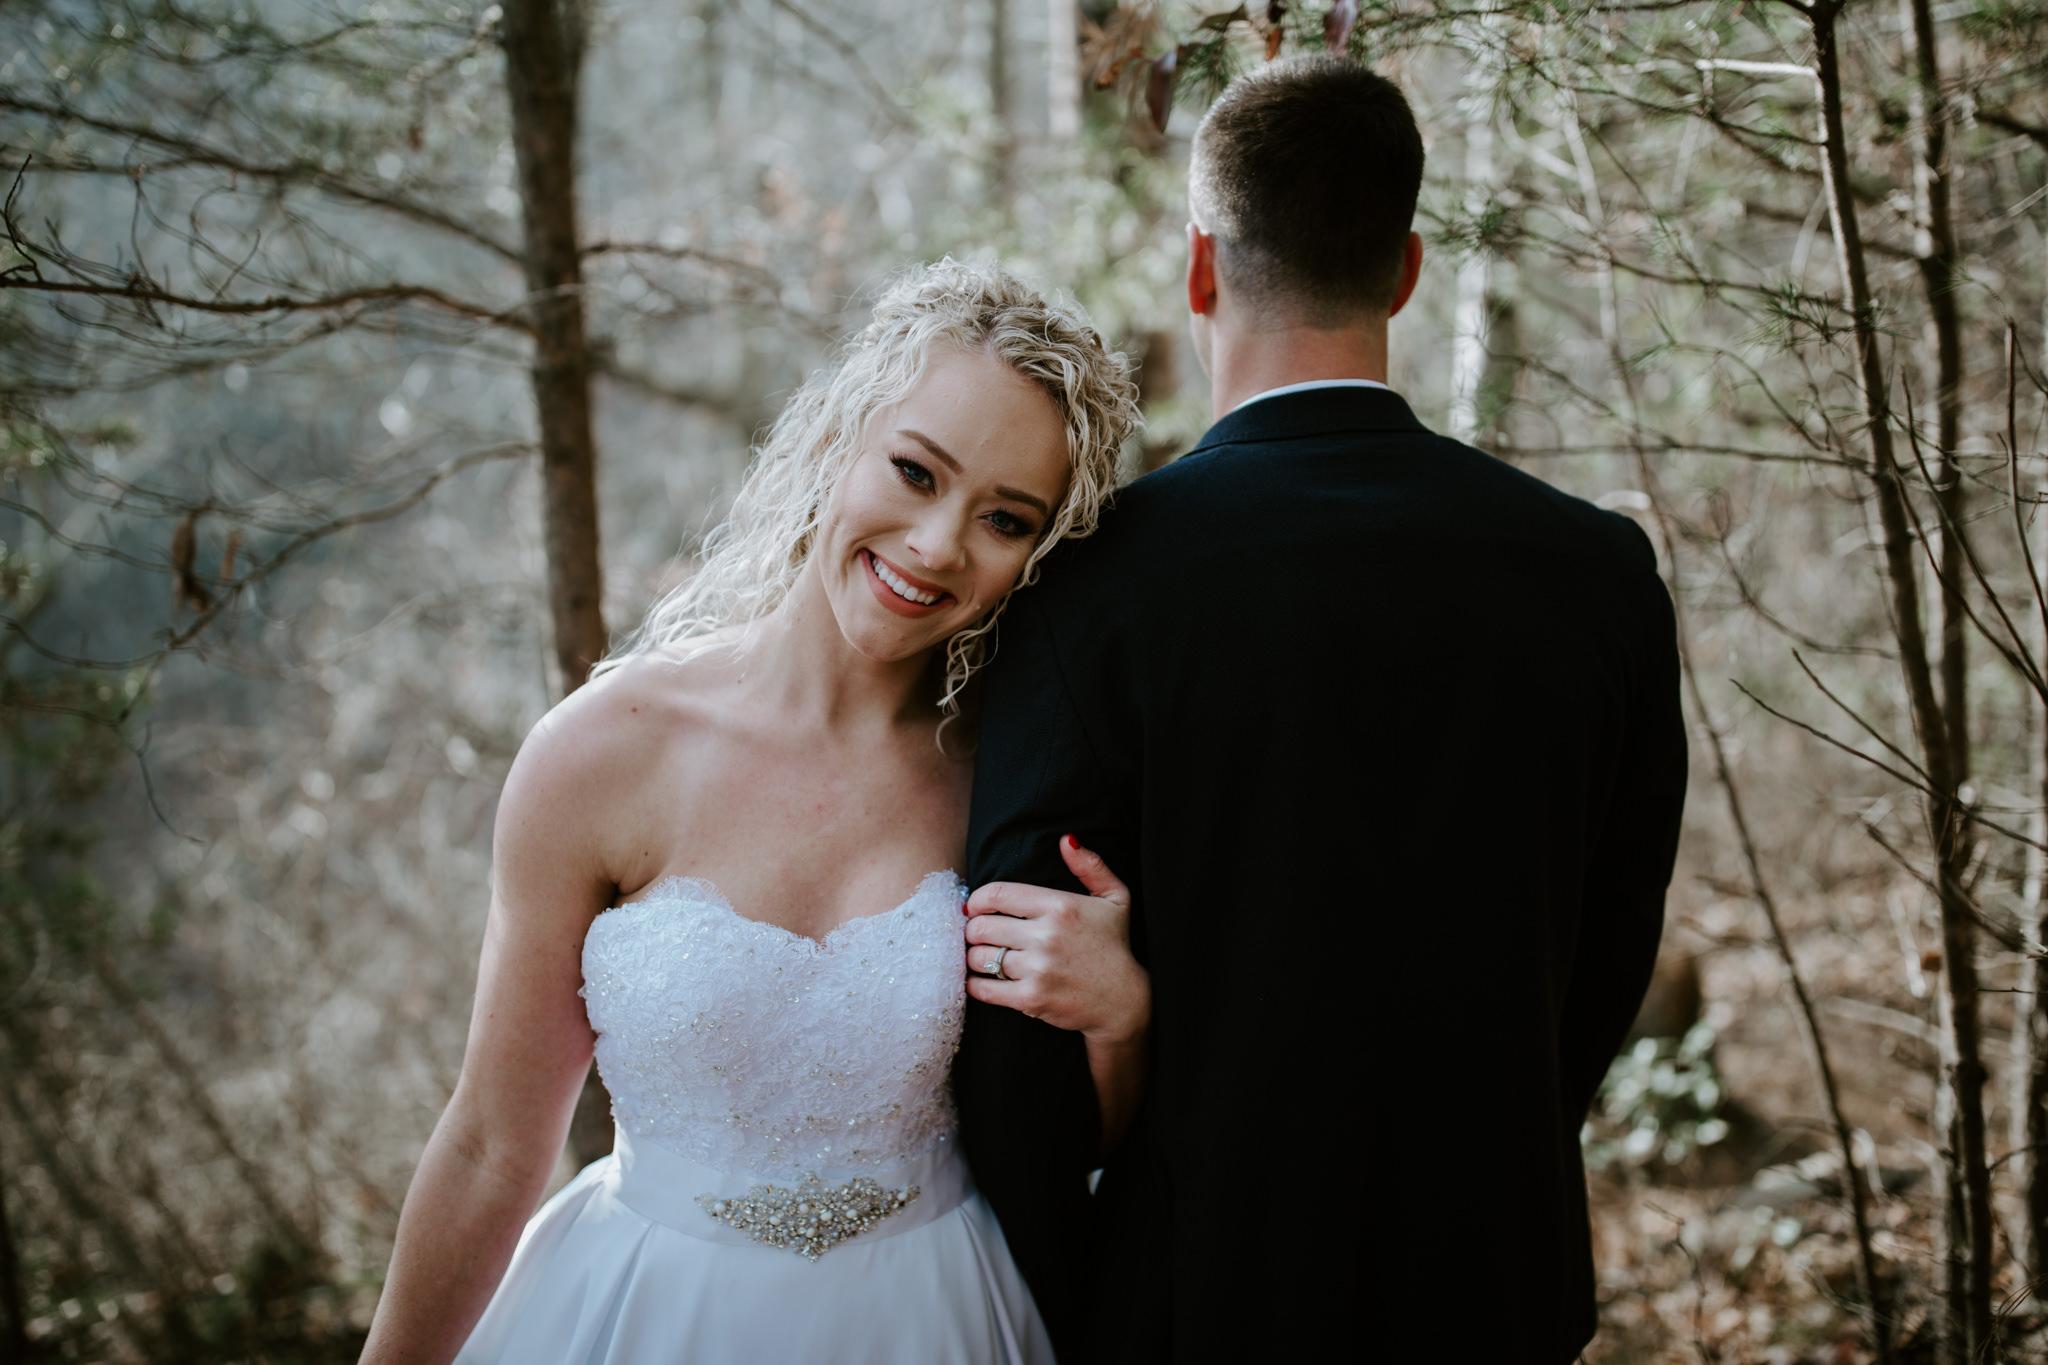 Lauren-and-Trent-Chattanooga-Nashville-Wedding-Elopement-Photographer-27.jpg